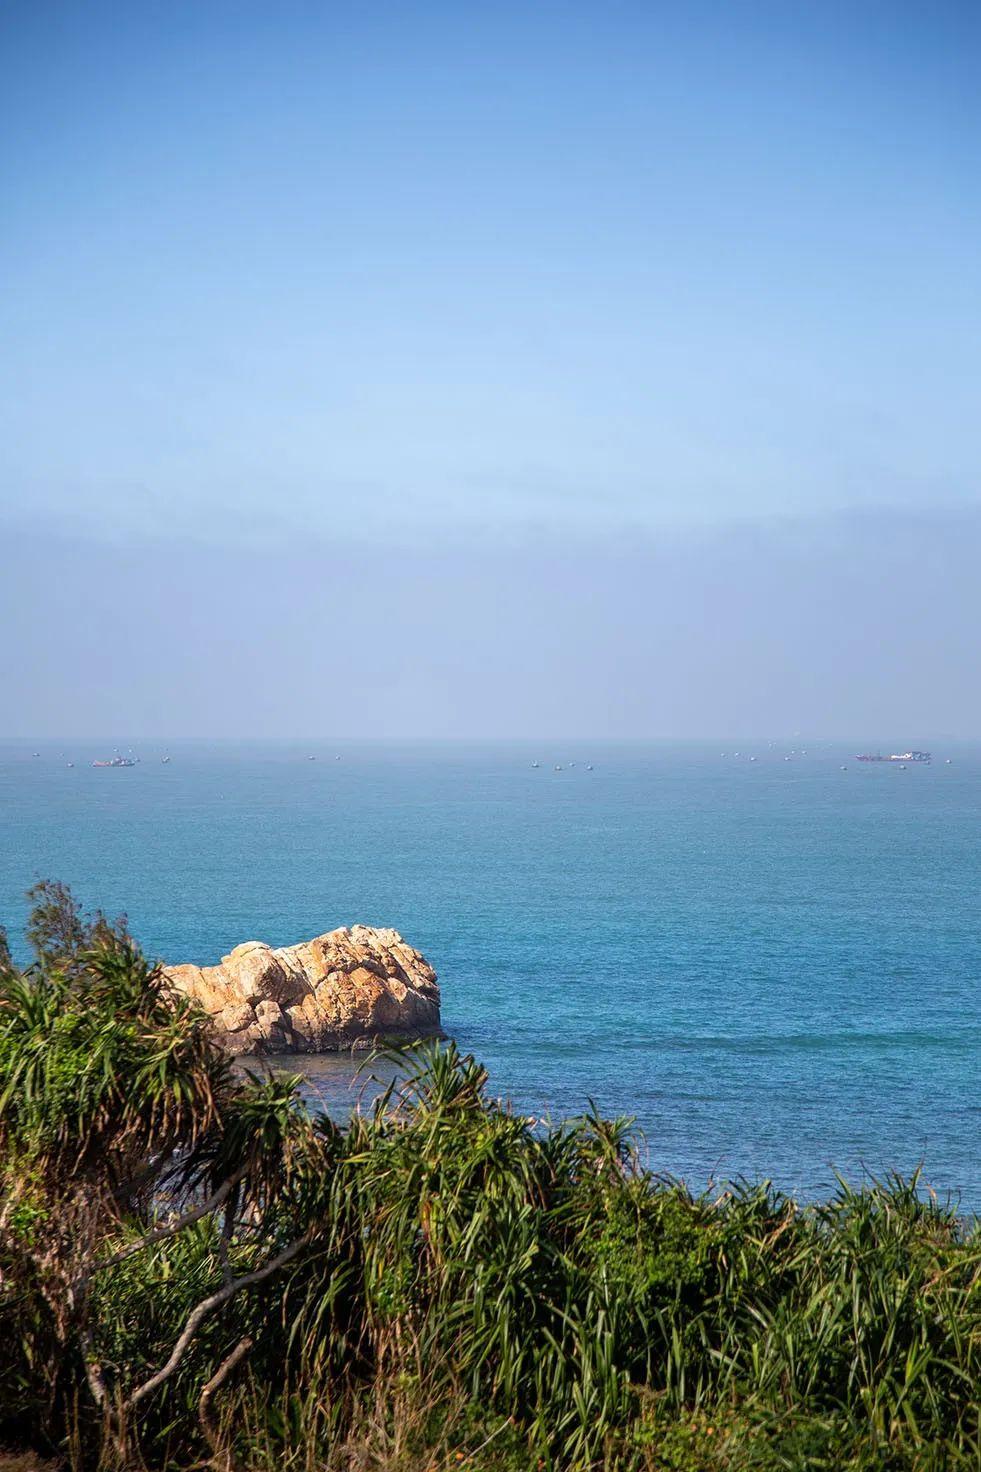 守护海岸线!天下无废,绿色生活——守